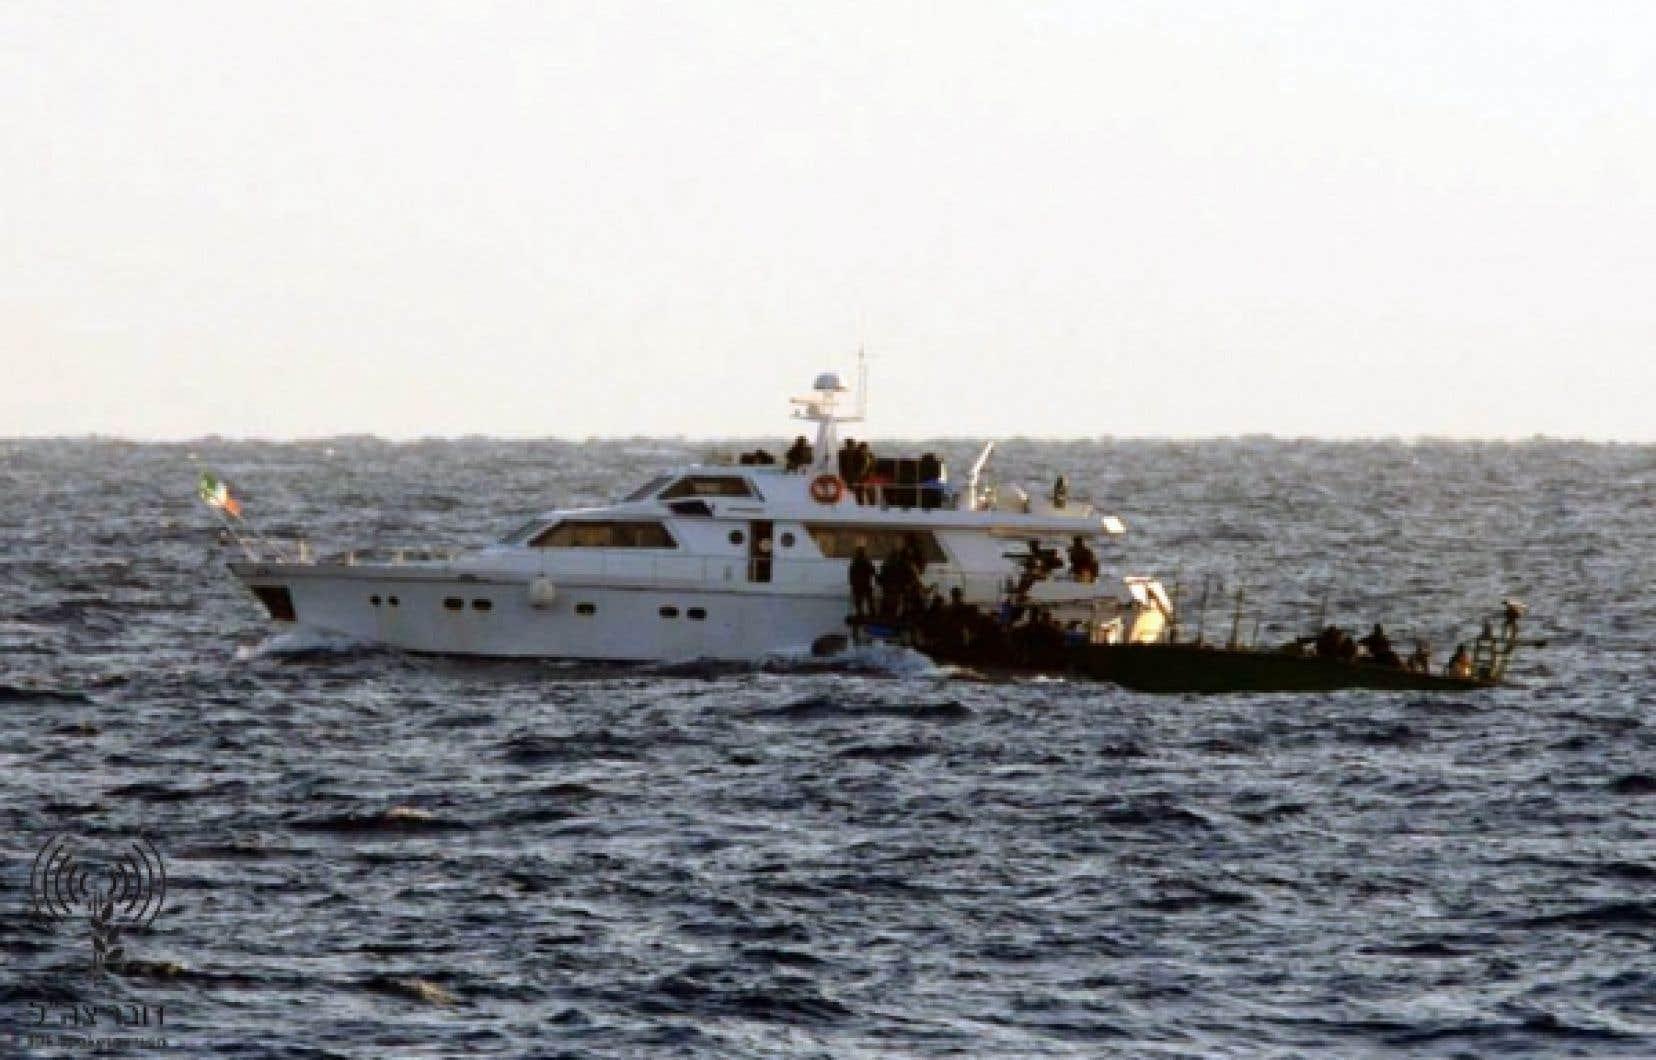 Une image, publiée par Israël, de l'arraisonnement du navire MV Saoirse.<br />